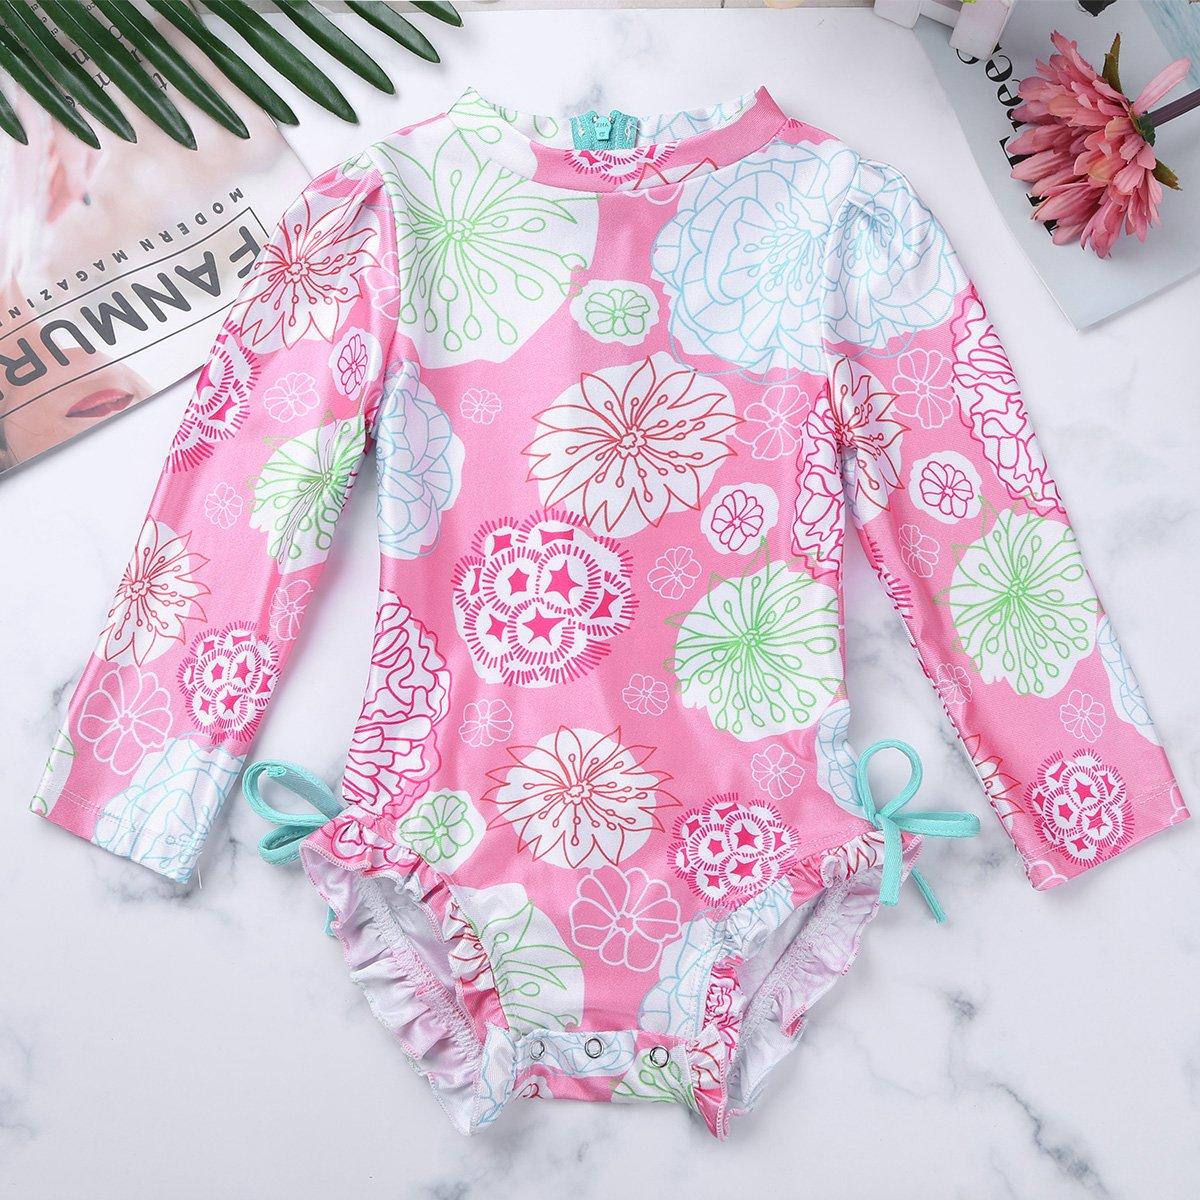 iEFiEL Baby M/ädchen Badebekleidung Langarm Badeanzug Blumenmuster One Piece Tankini Bikini Bademode Sommer Anzug f/ür Kleinkinder 0-24 Monate